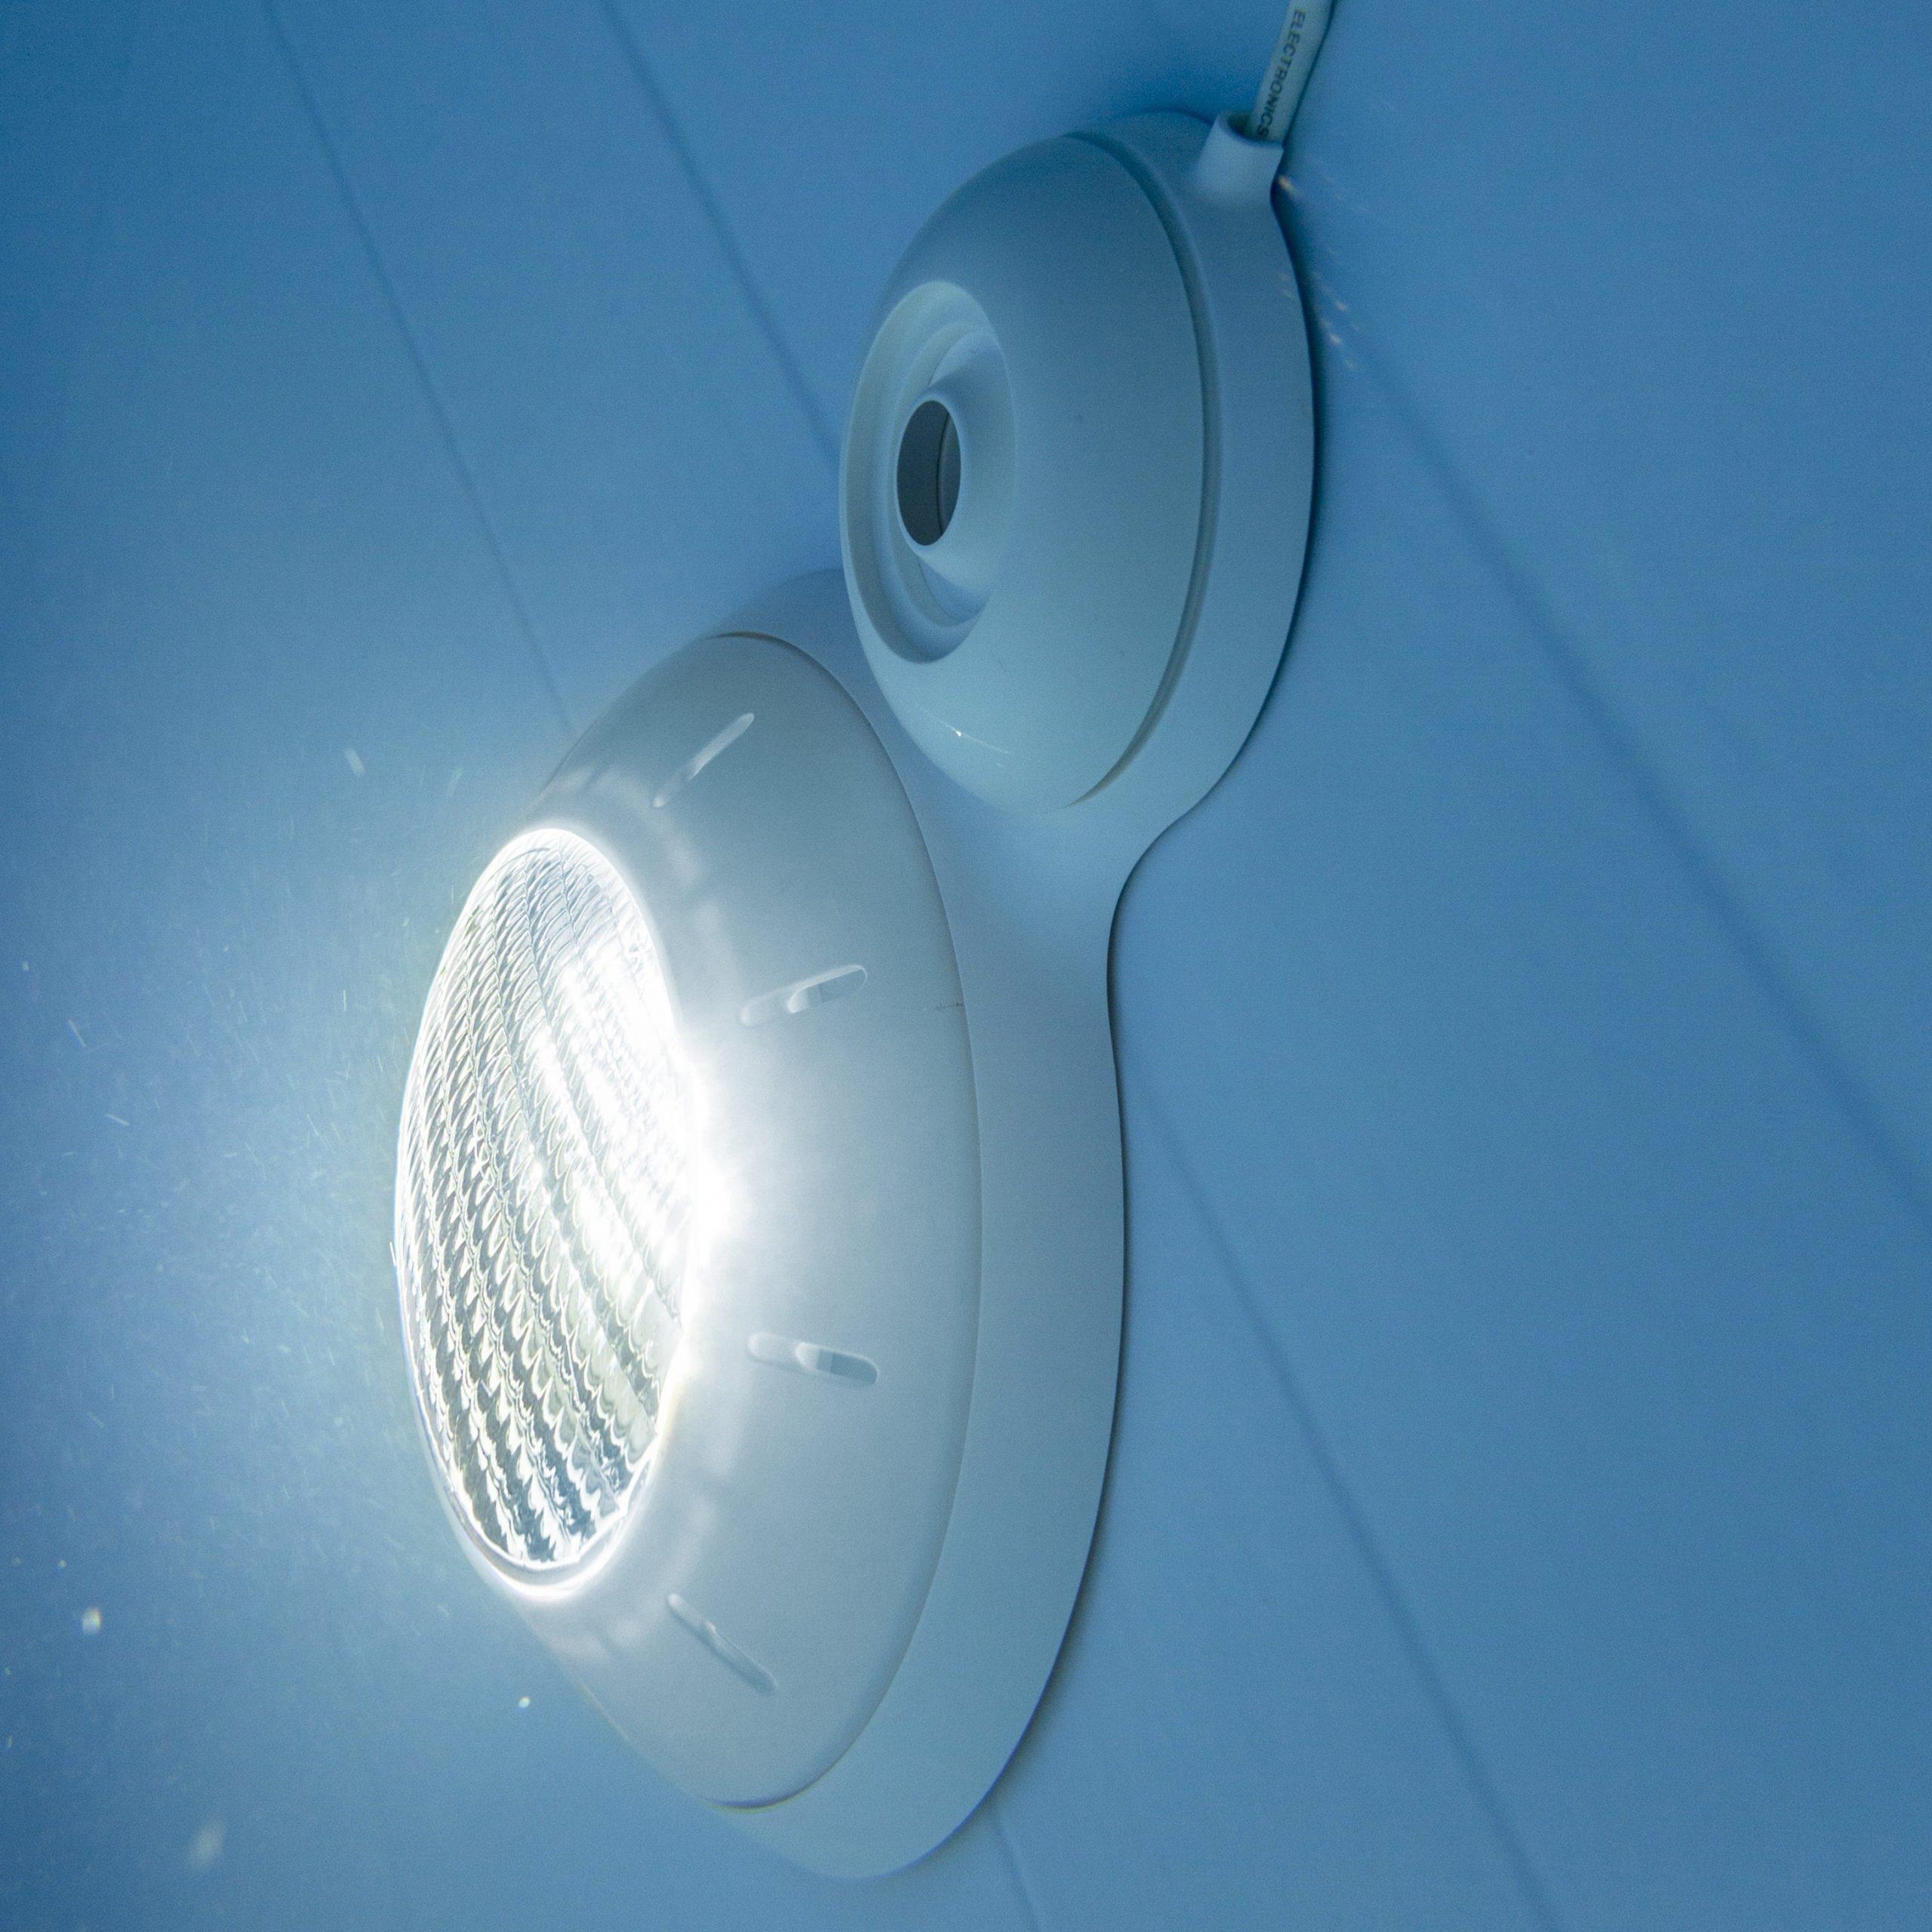 Projecteur Led Pour Piscine Hors-Sol Acier Blanc, 21 W encequiconcerne Projecteur Led Piscine